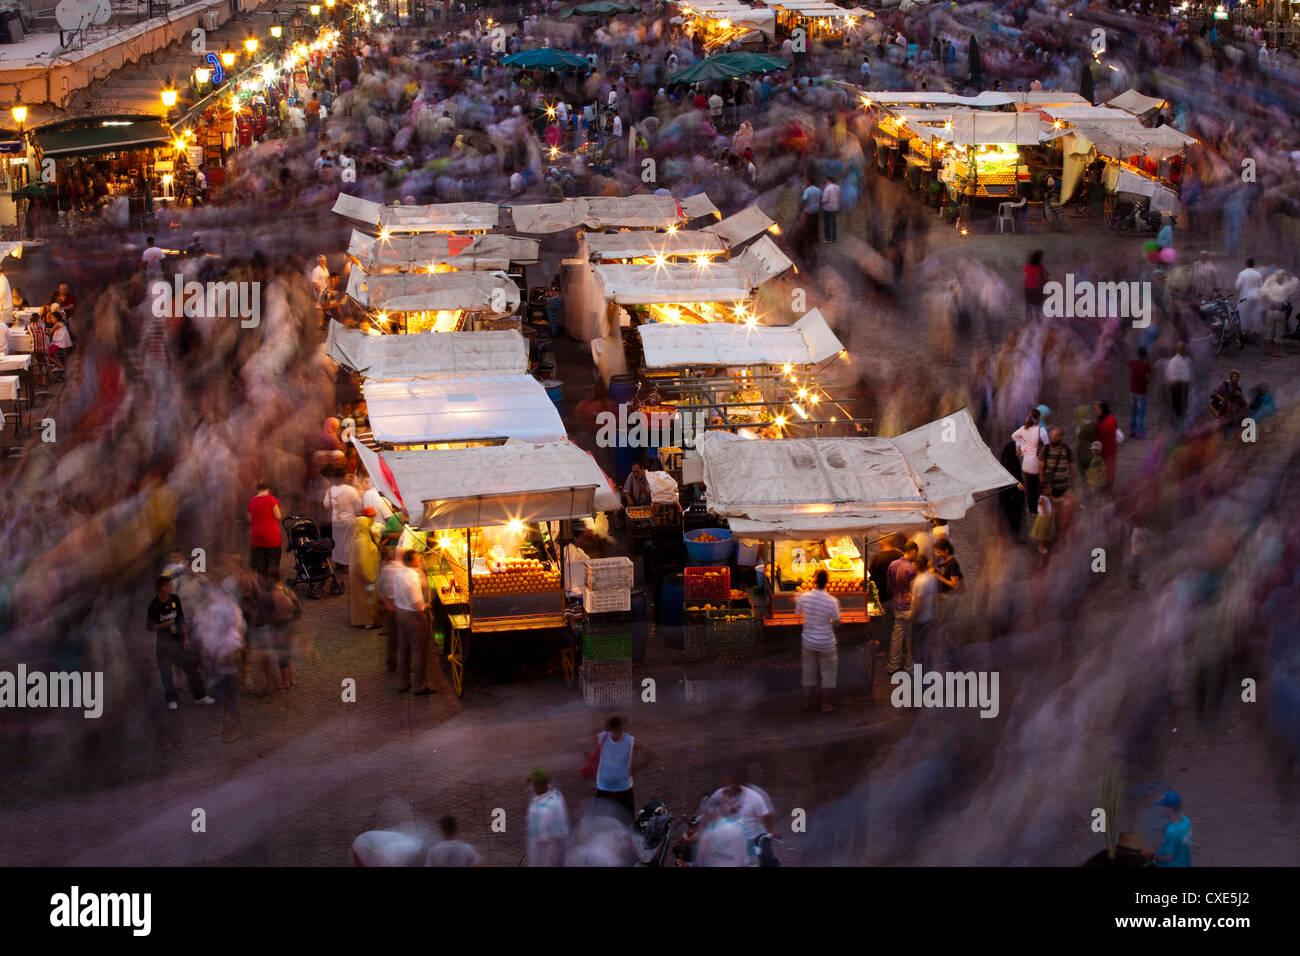 Una lunga esposizione, gente che si muove intorno a Djemaa El Fna a Marrakech, Marocco, Africa Settentrionale, Africa Immagini Stock